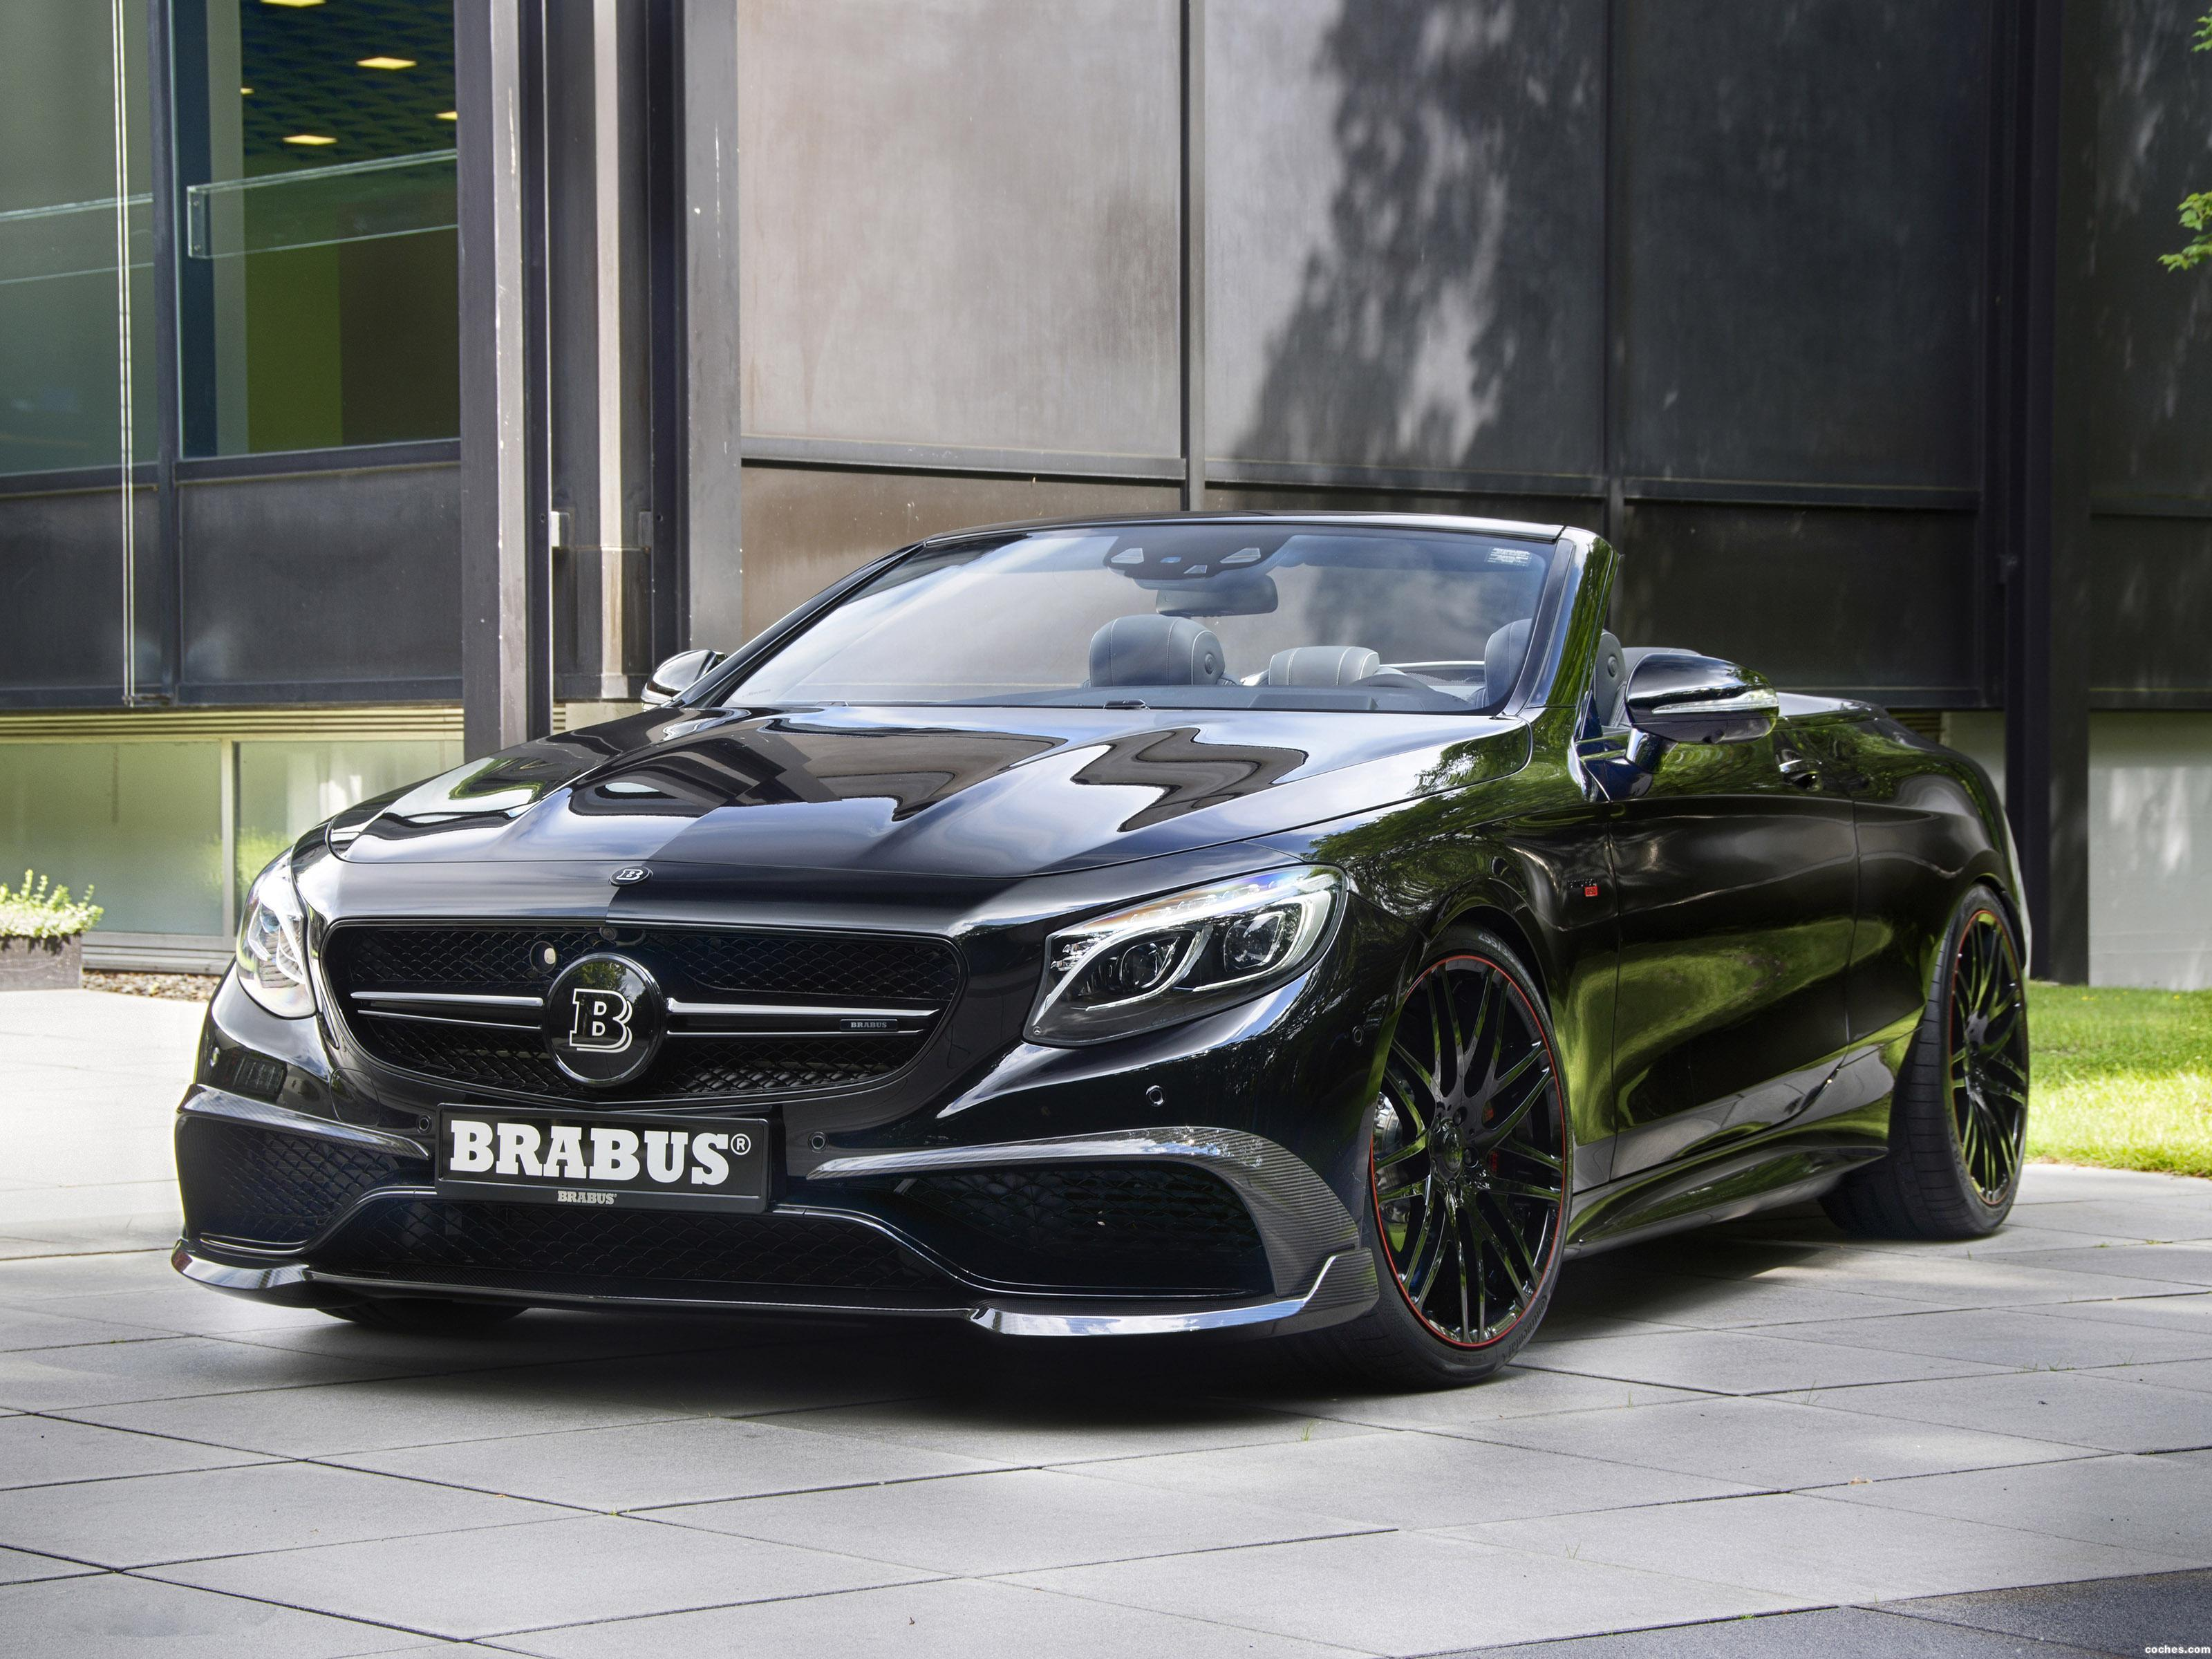 brabus_850-cabriolet-a217-2016_r13.jpg